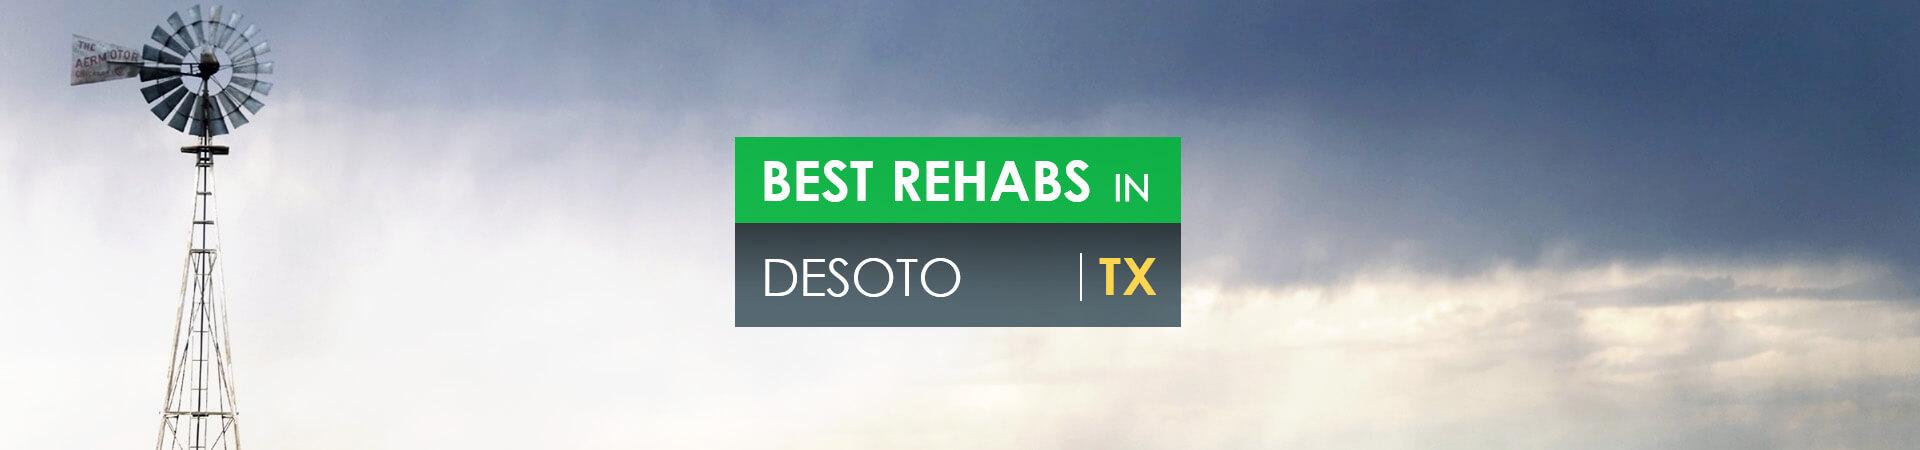 Best rehabs in DeSoto, TX